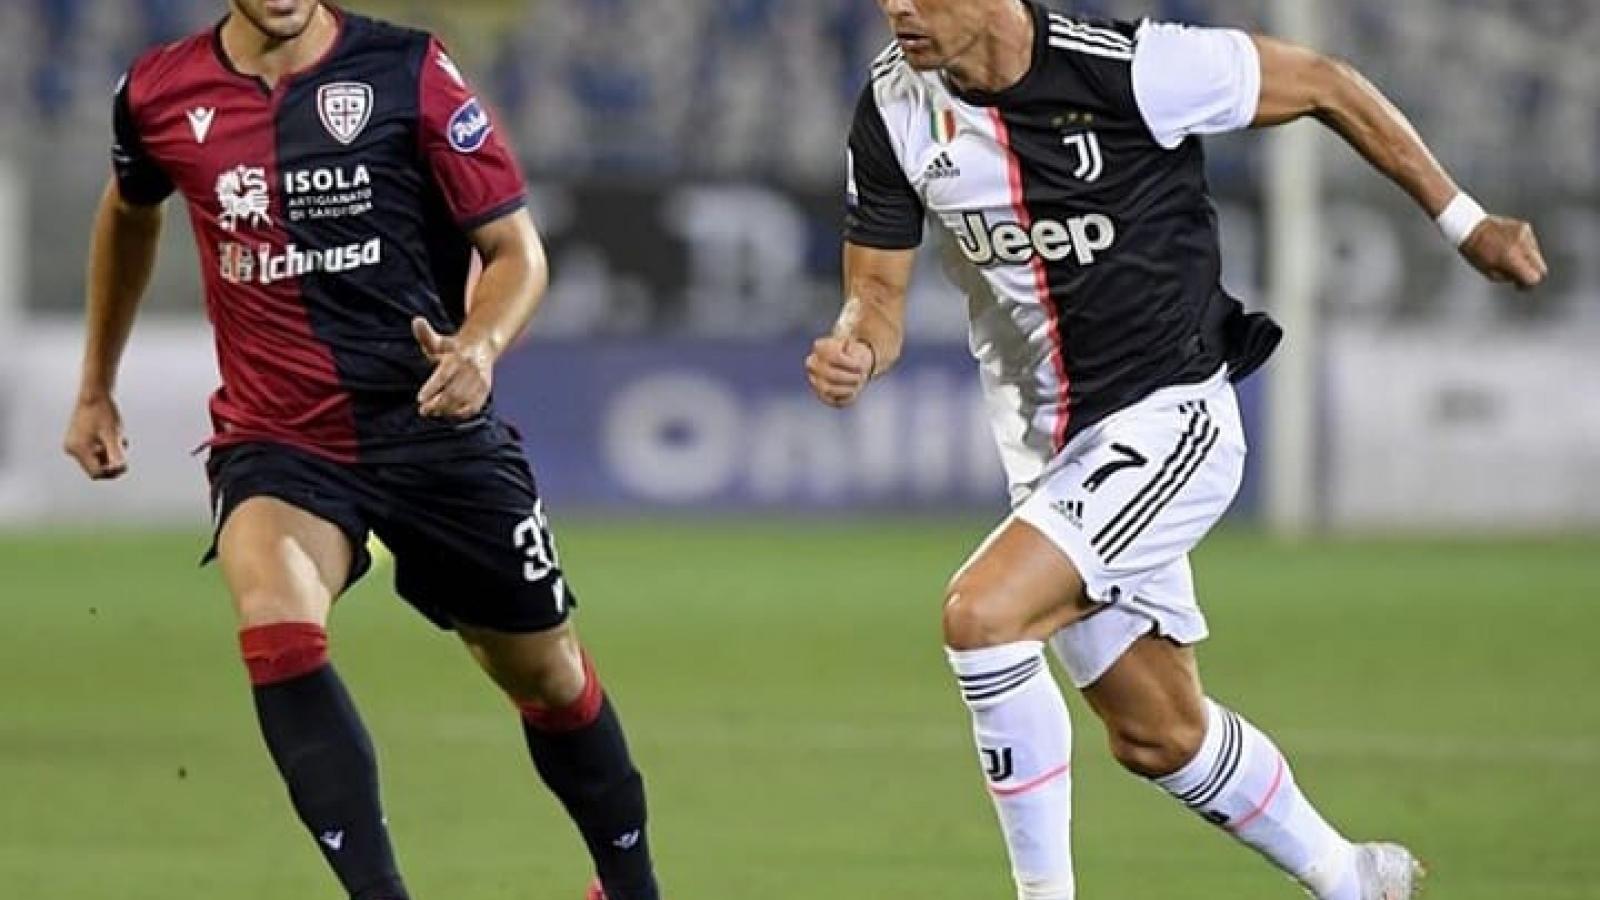 Juventus thảm bại, Ronaldo gần như hết cơ hội đoạt giày Vàng châu Âu